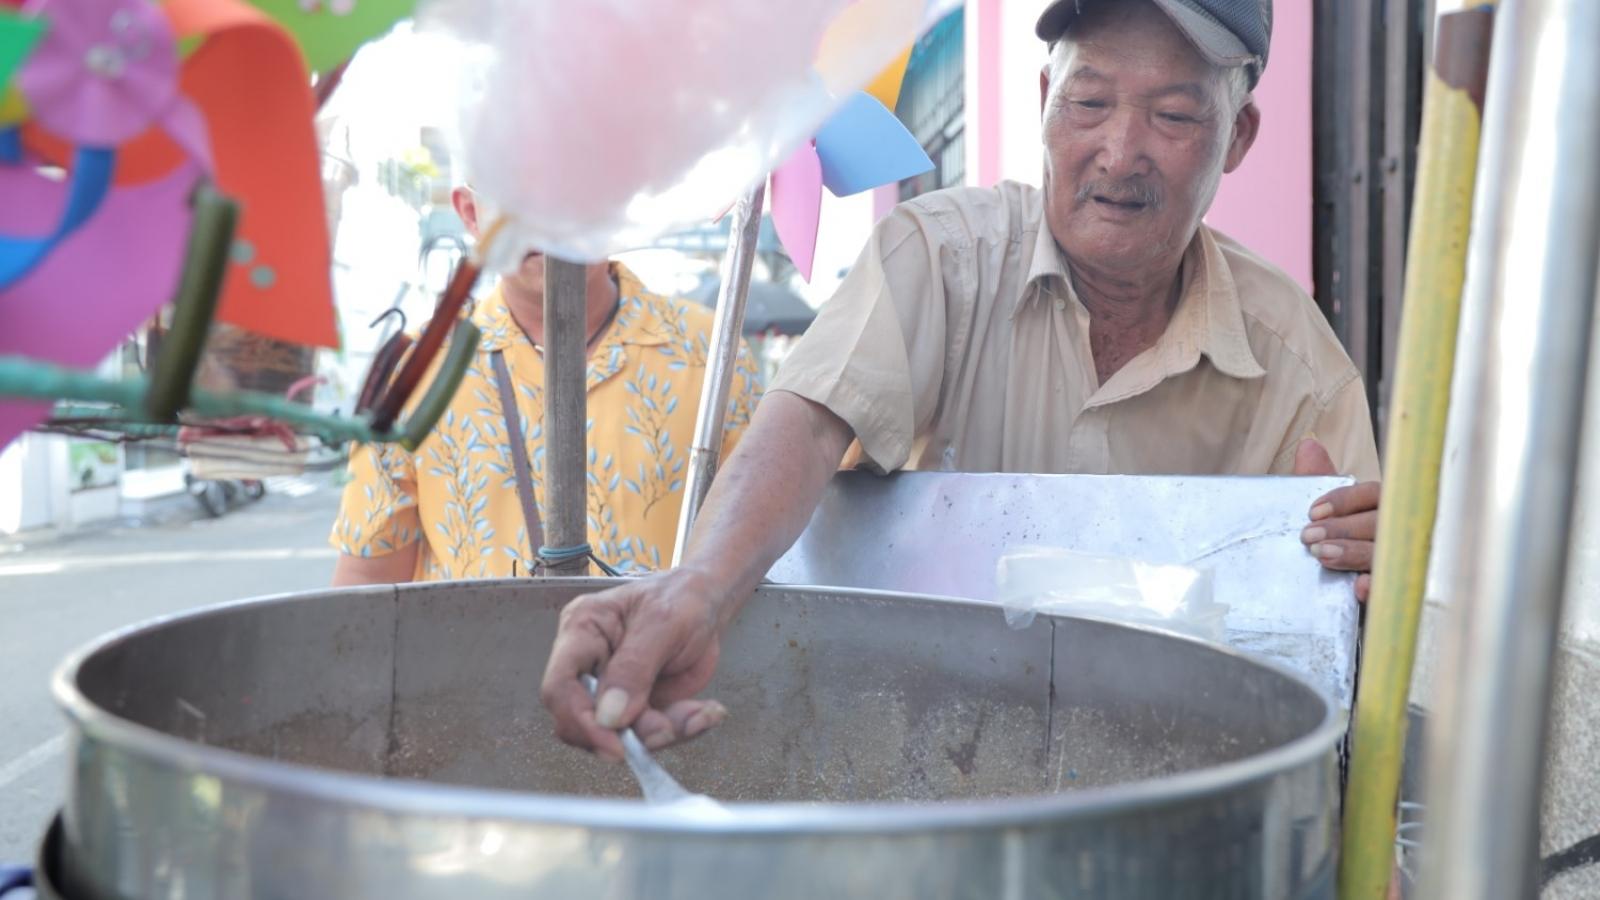 Cụ ông 77 tuổi, tóc bạc trắng gần 50 năm vẫn cực khổ đạp xe bán kẹo bông gòn mưu sinh